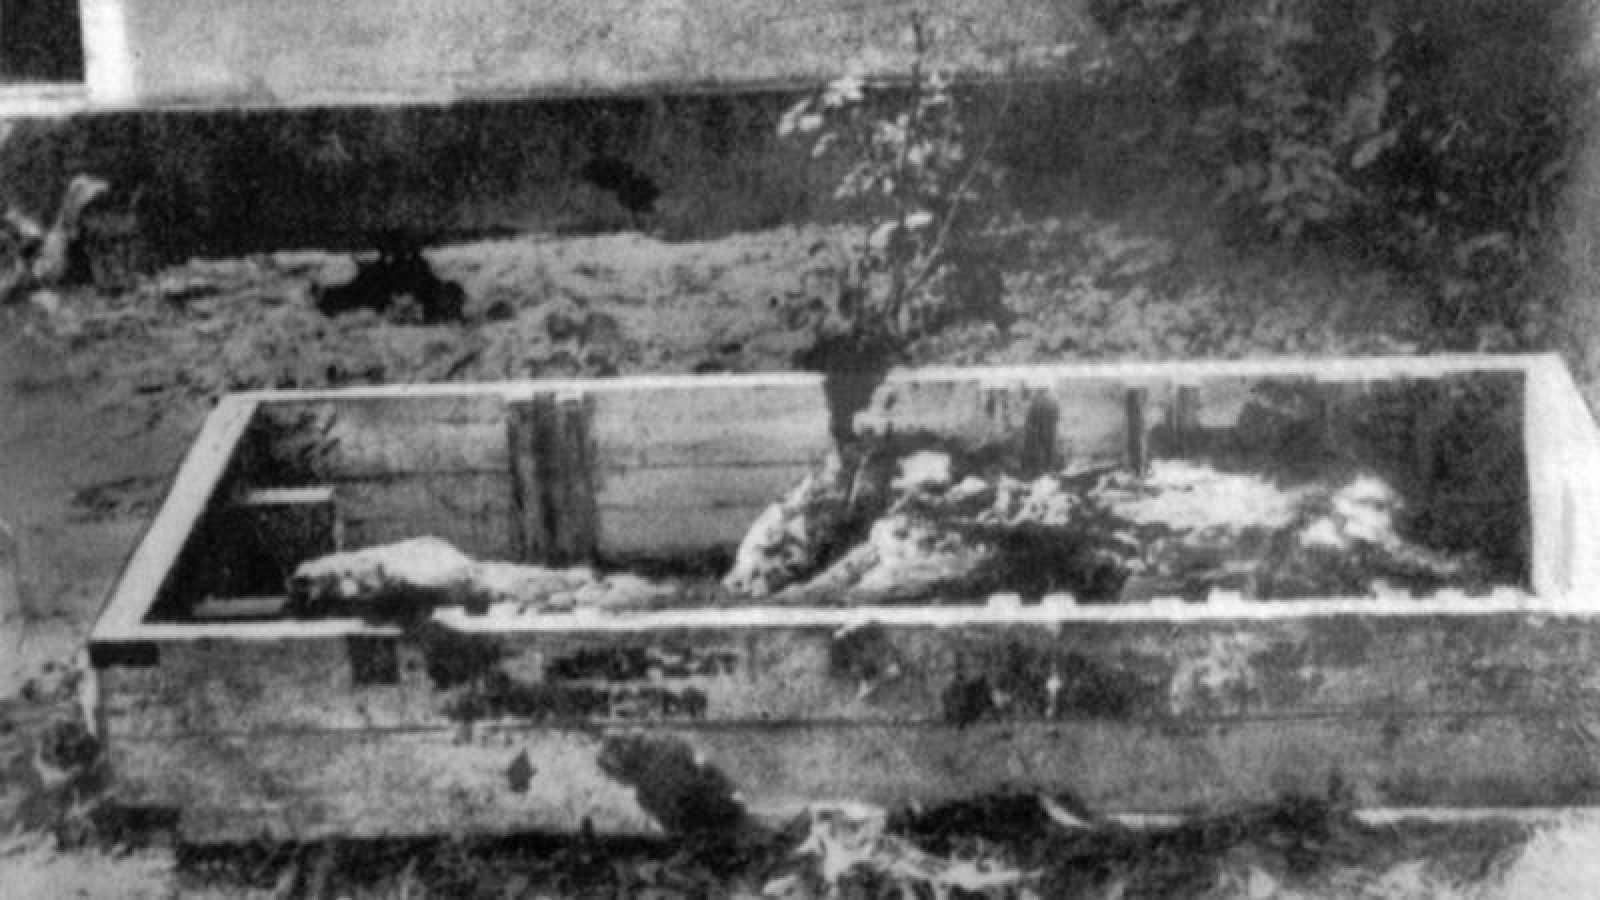 Los supuestos restos de Adolf Hitler, fotografiados por un reportero ruso